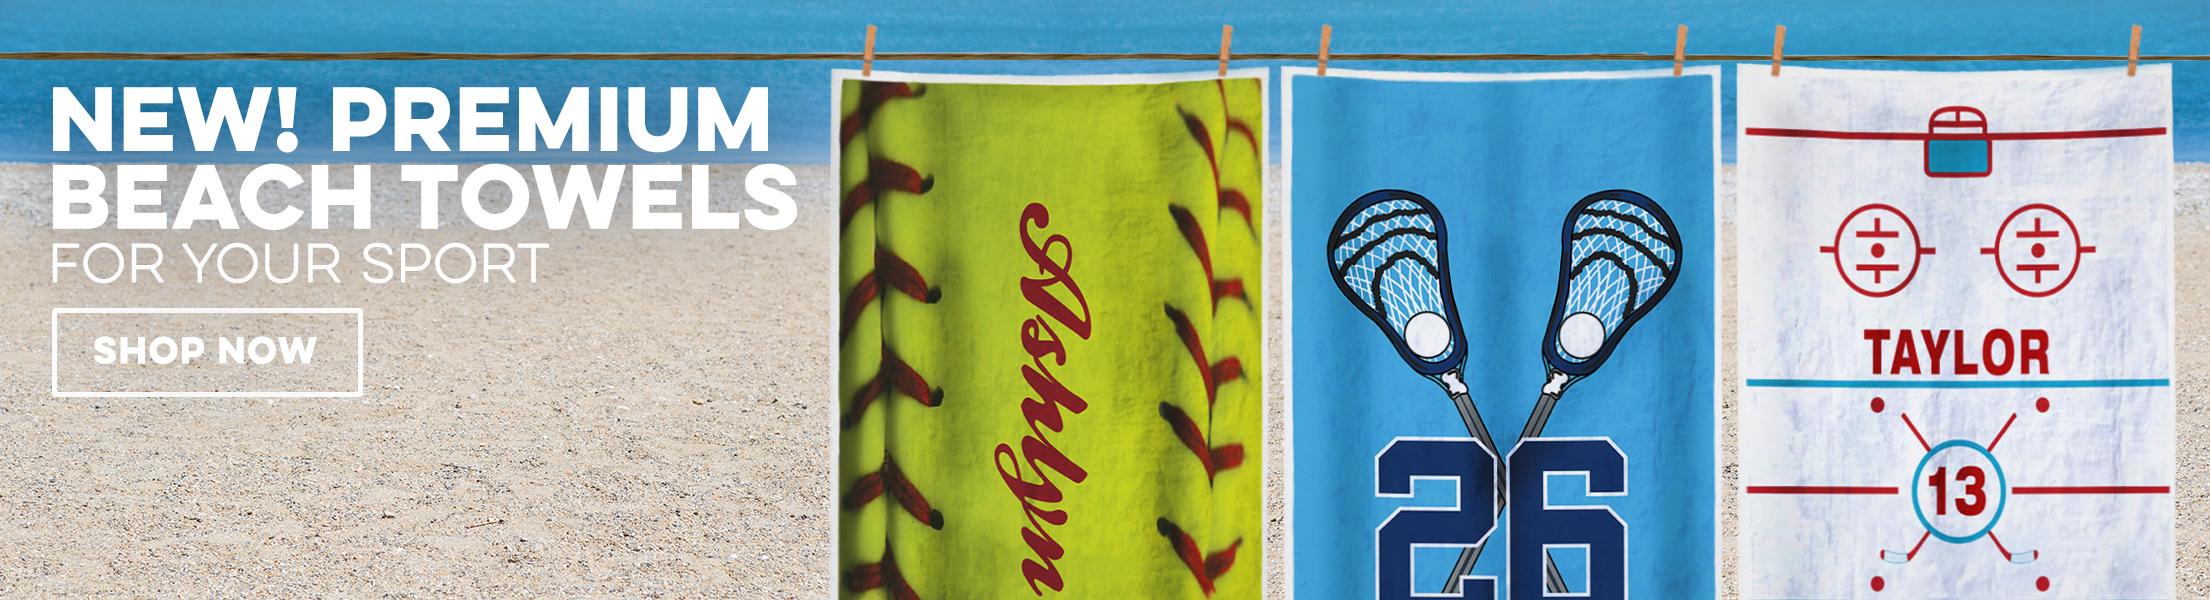 Premium Beach Towels